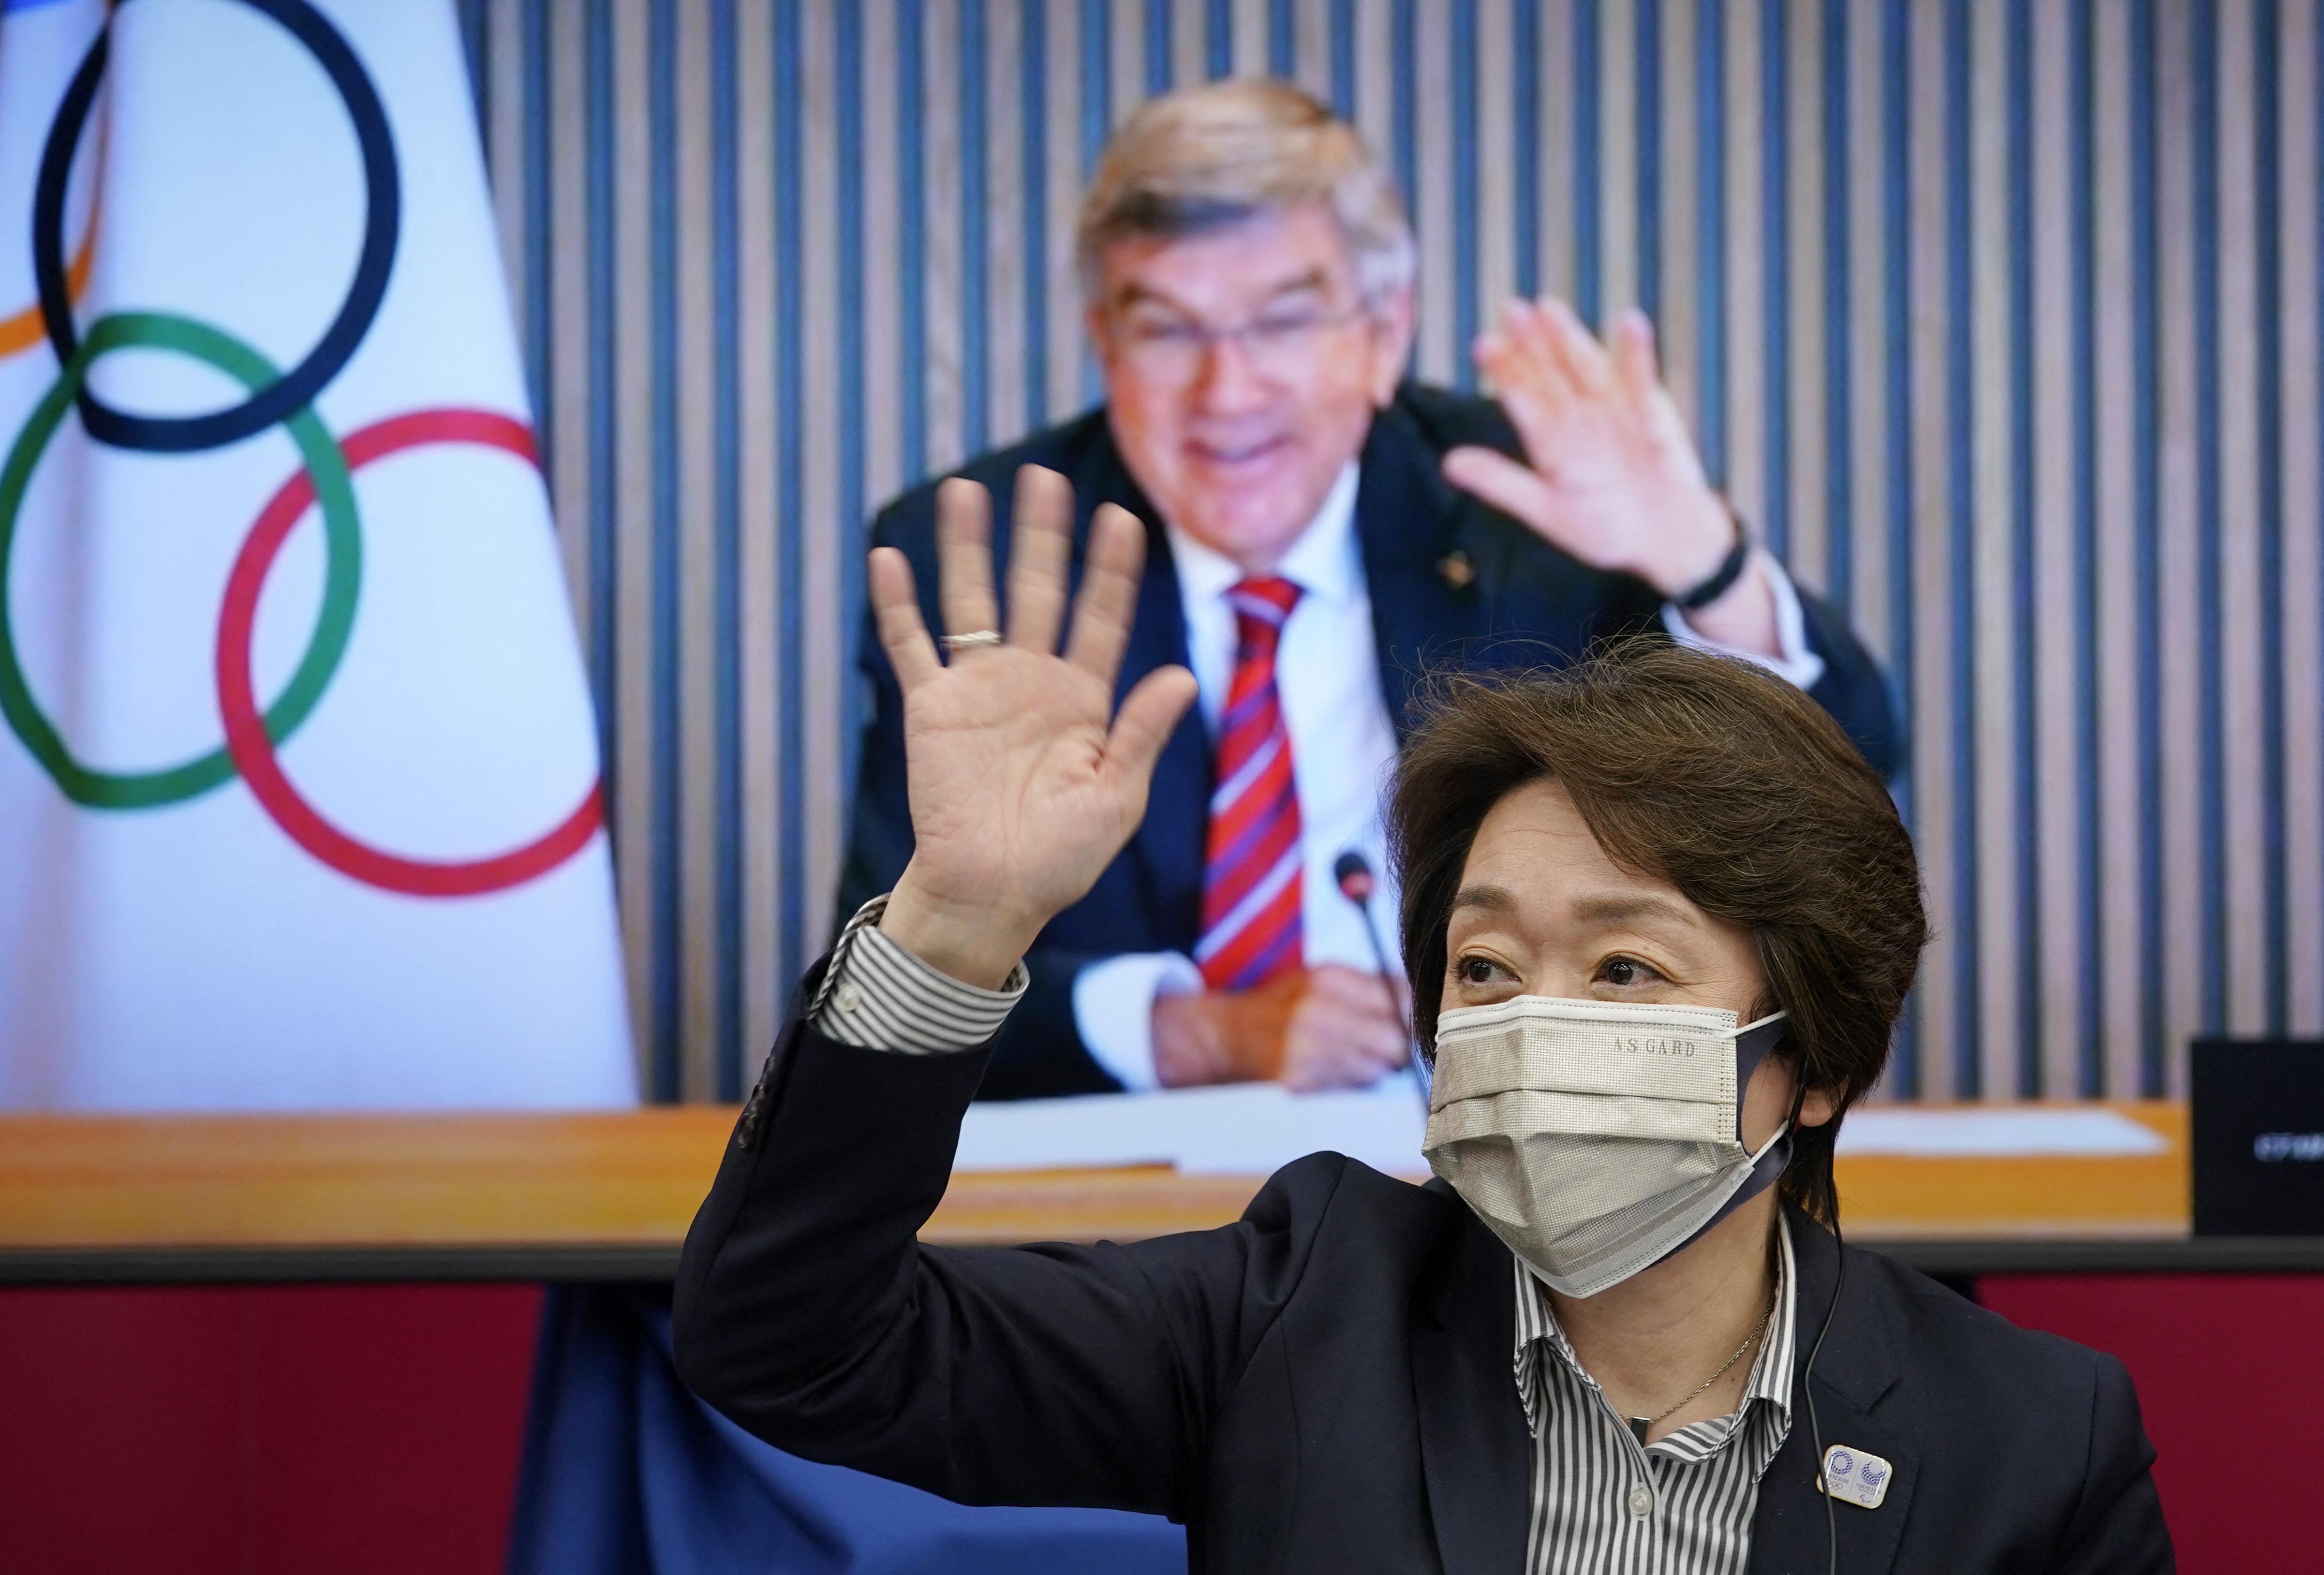 Hiába ellenkeznek a japánok, úgy néz ki, hogy lesz idén olimpia